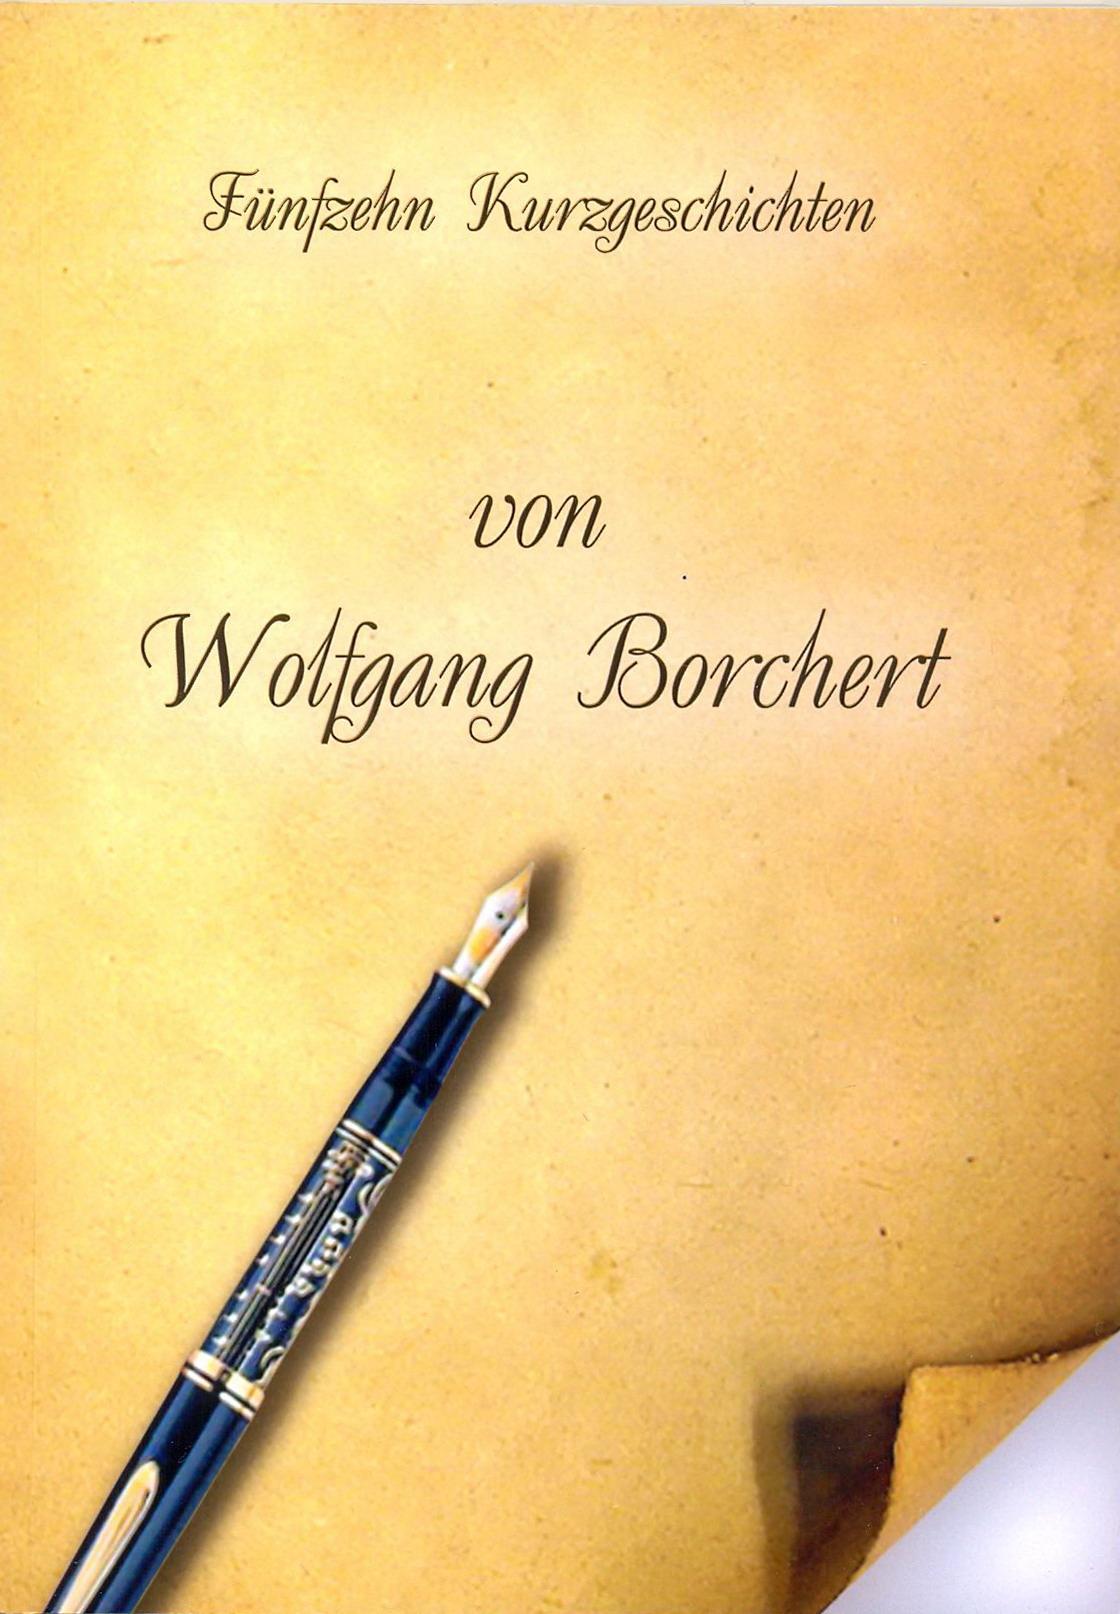 Fünfzehn Kurzgeschichten von Wolfgang Borchert // пособие по домашнему чтению на немецком языке на основе коротких рассказов немецкого писателя В. Борхерта